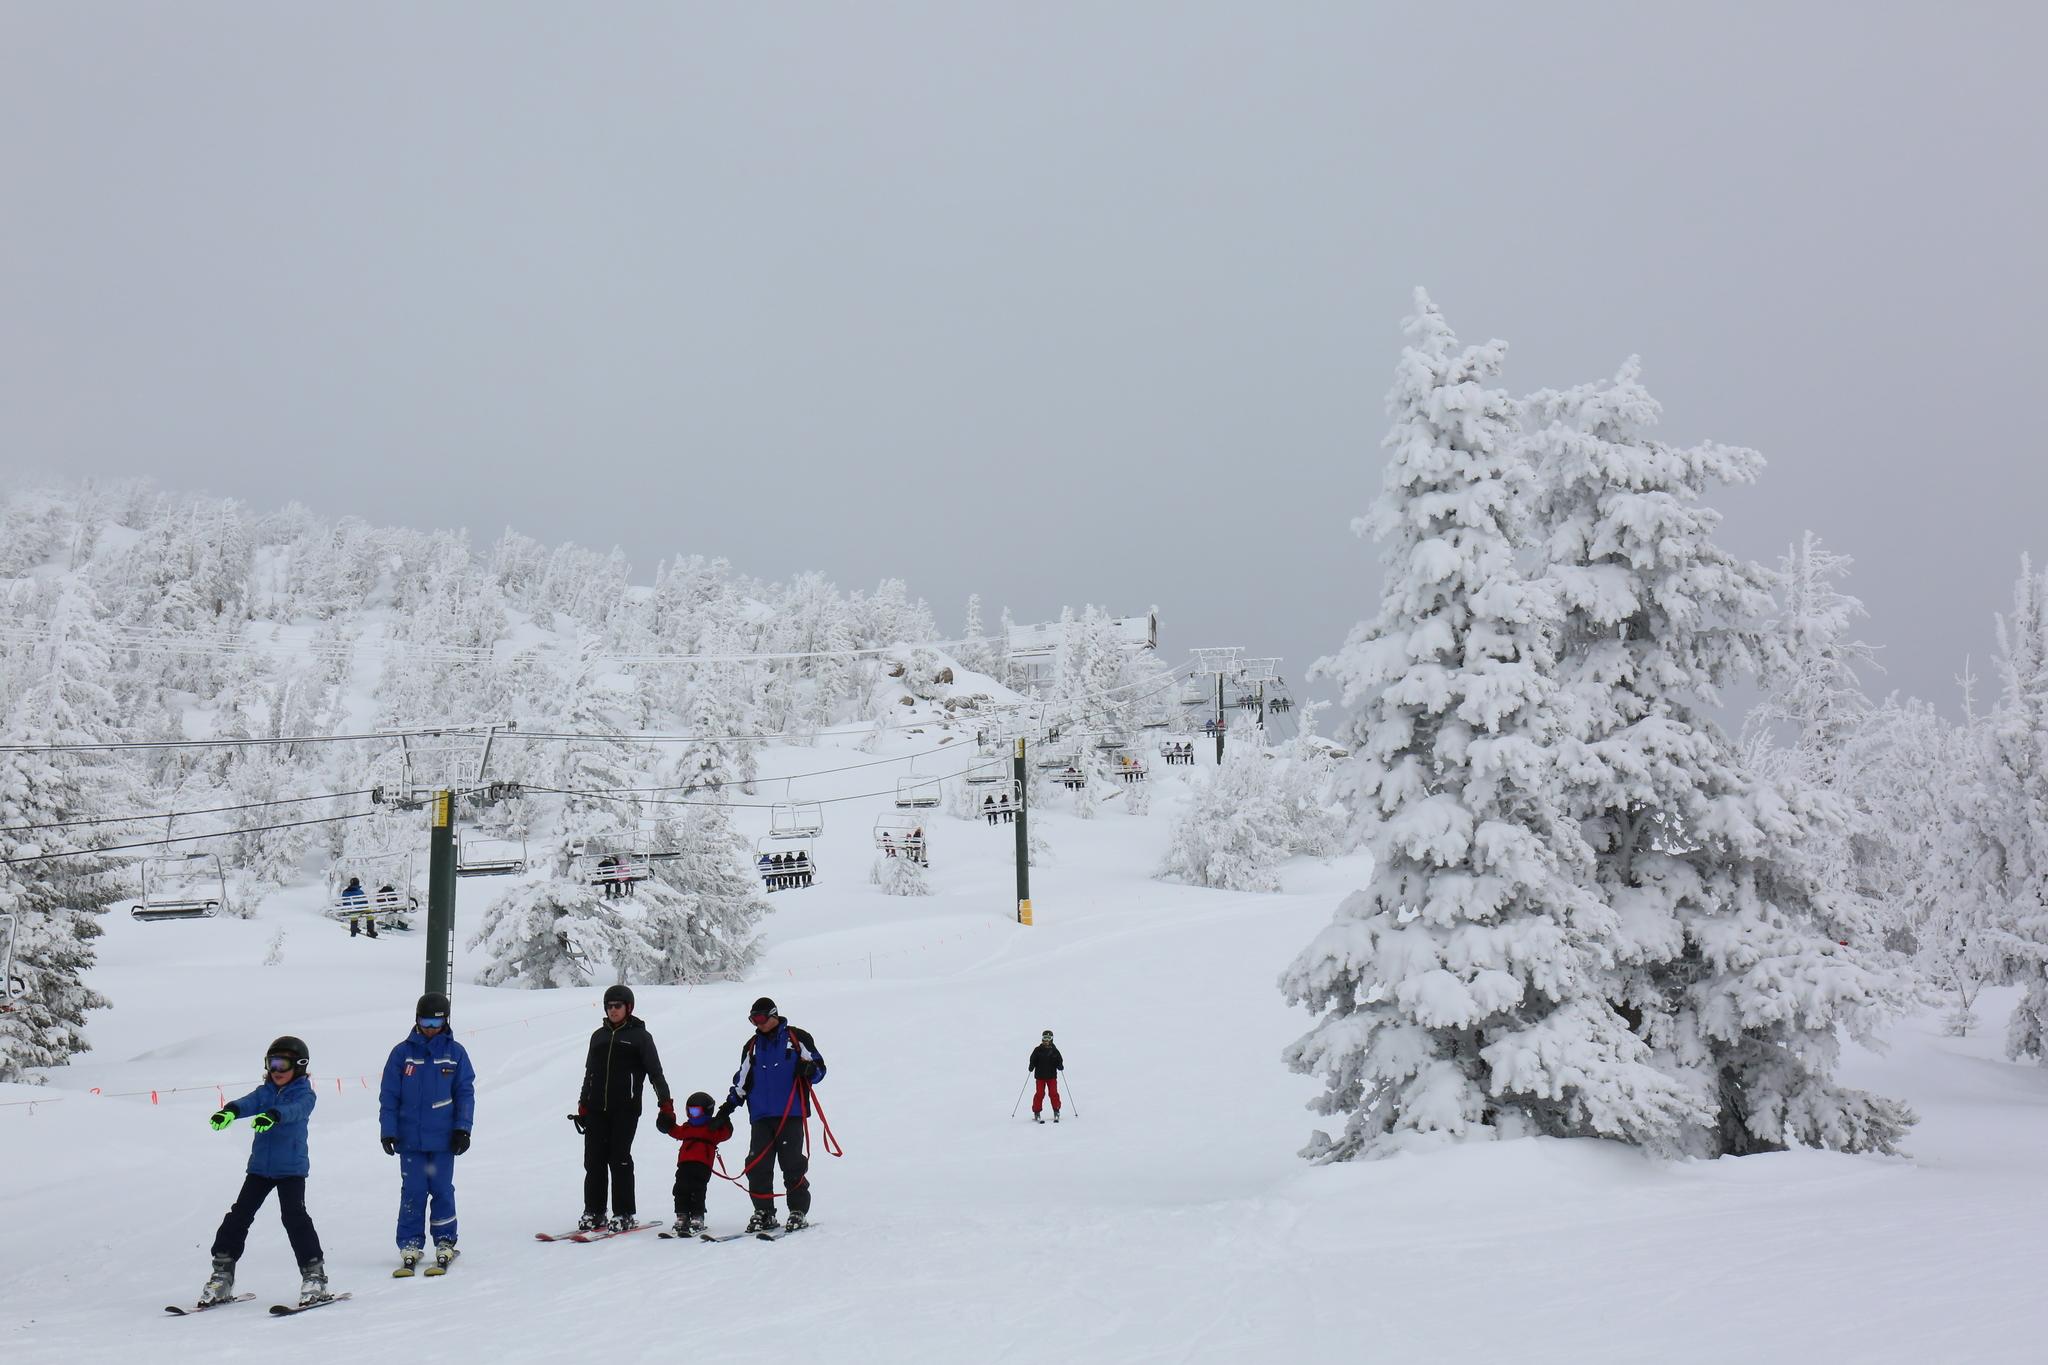 헤븐리 마운틴 리조트에서 스키를 즐기는 사람들. 헤븐리 마운틴 리조트는 레이크타호에서 가장 규모가 큰 스키 리조트다.